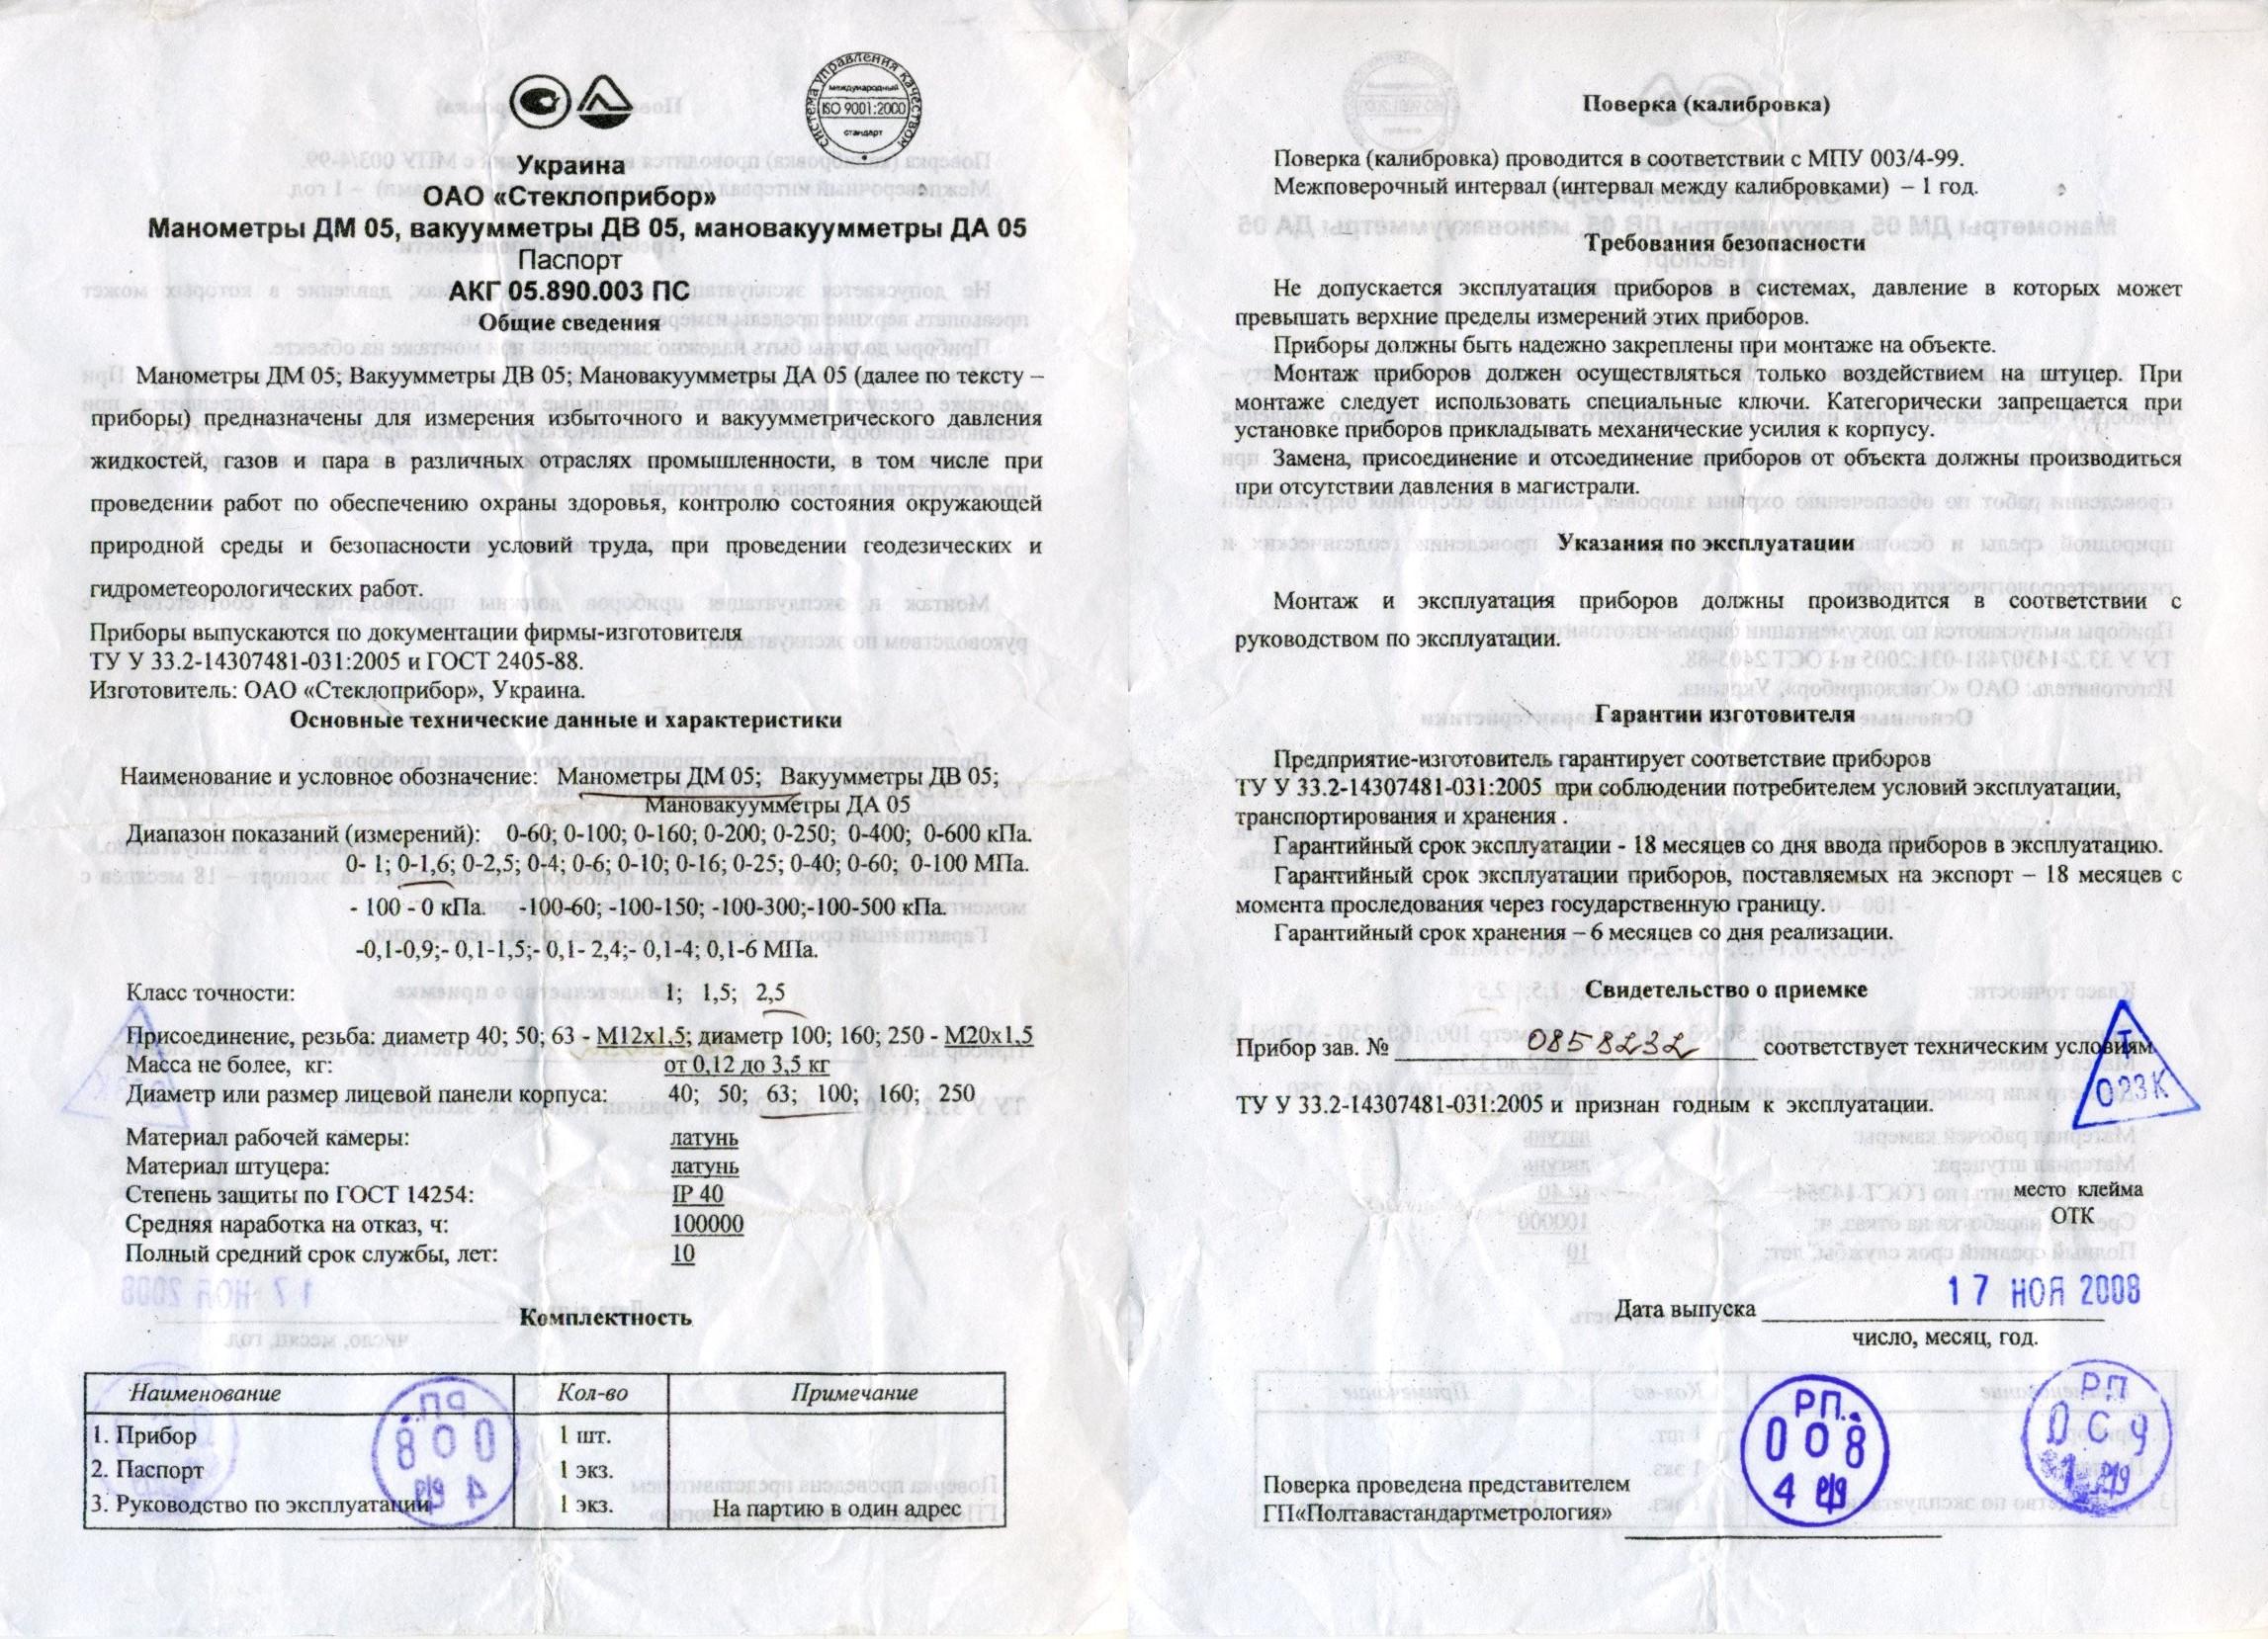 манометр мт 100 паспорт